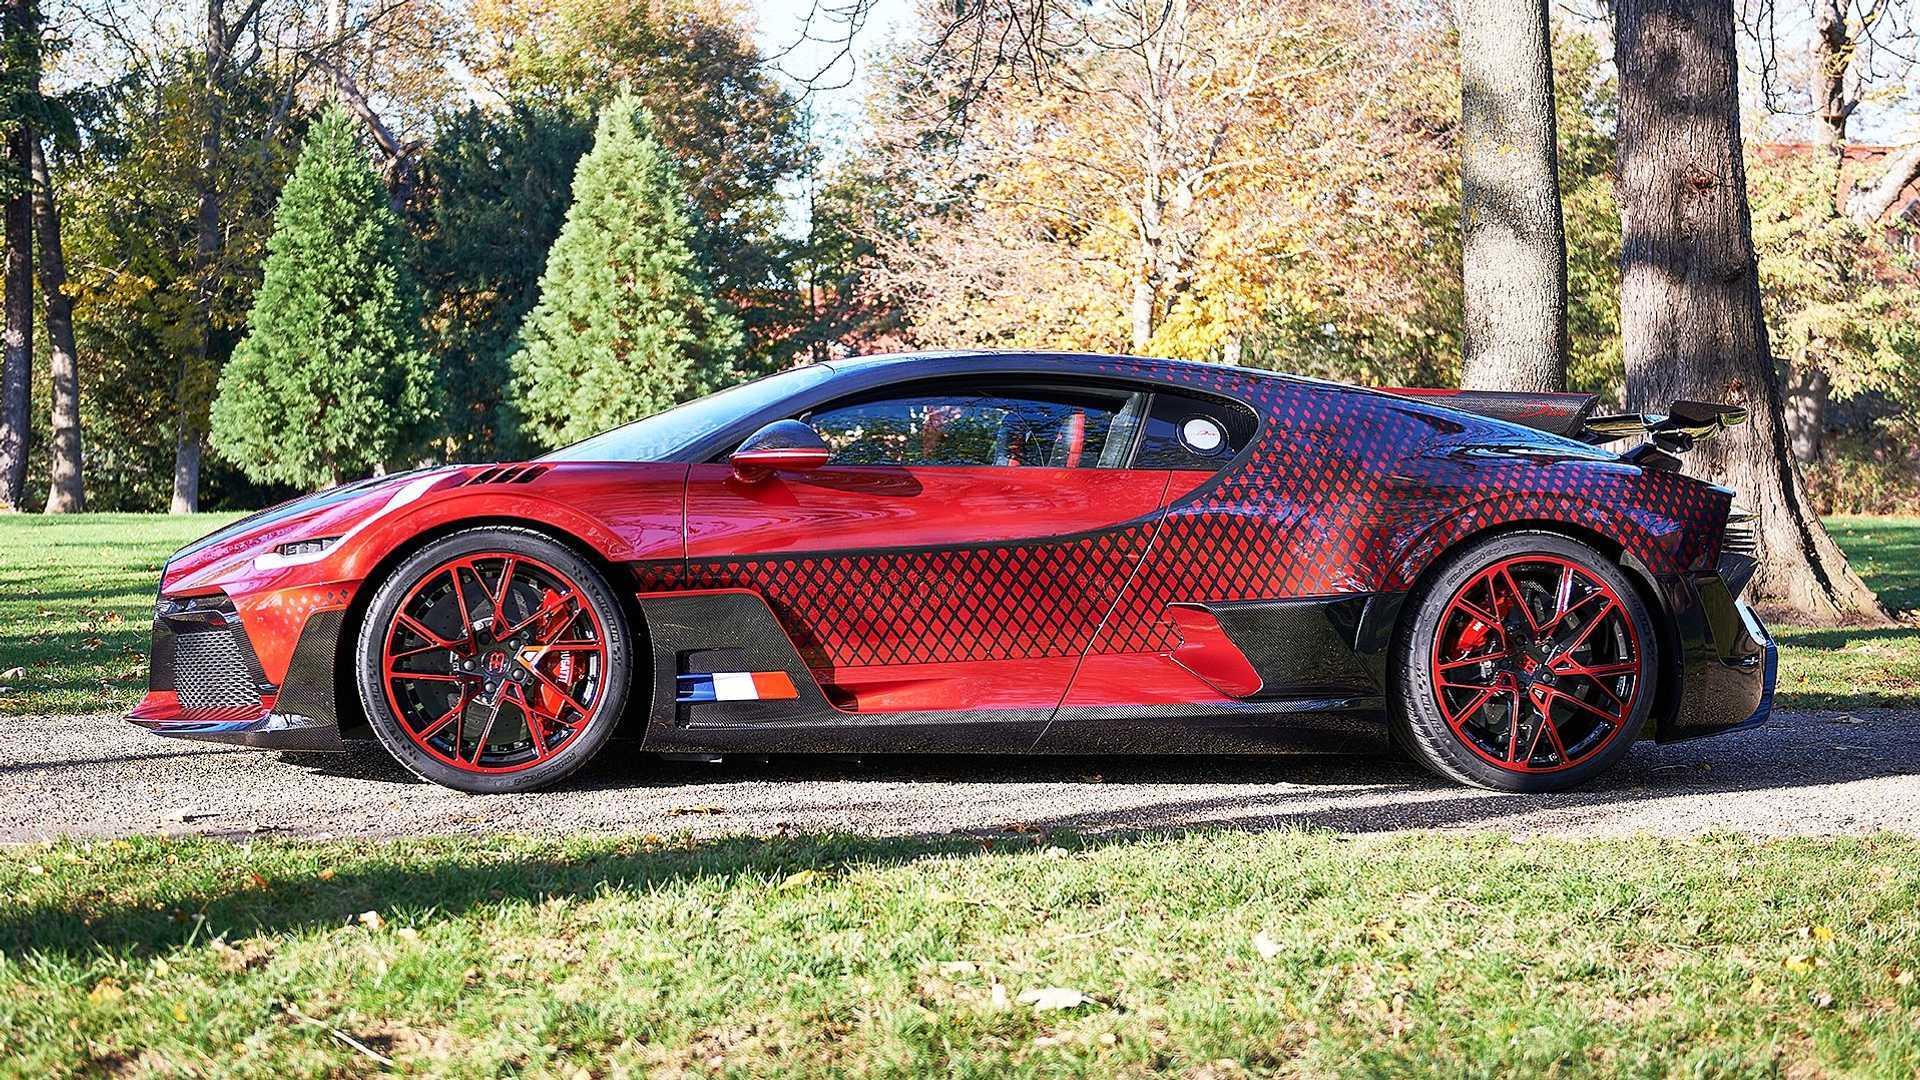 Уникальный Bugatti Divo 'Lady Bug' использует нестандартную схему окраски